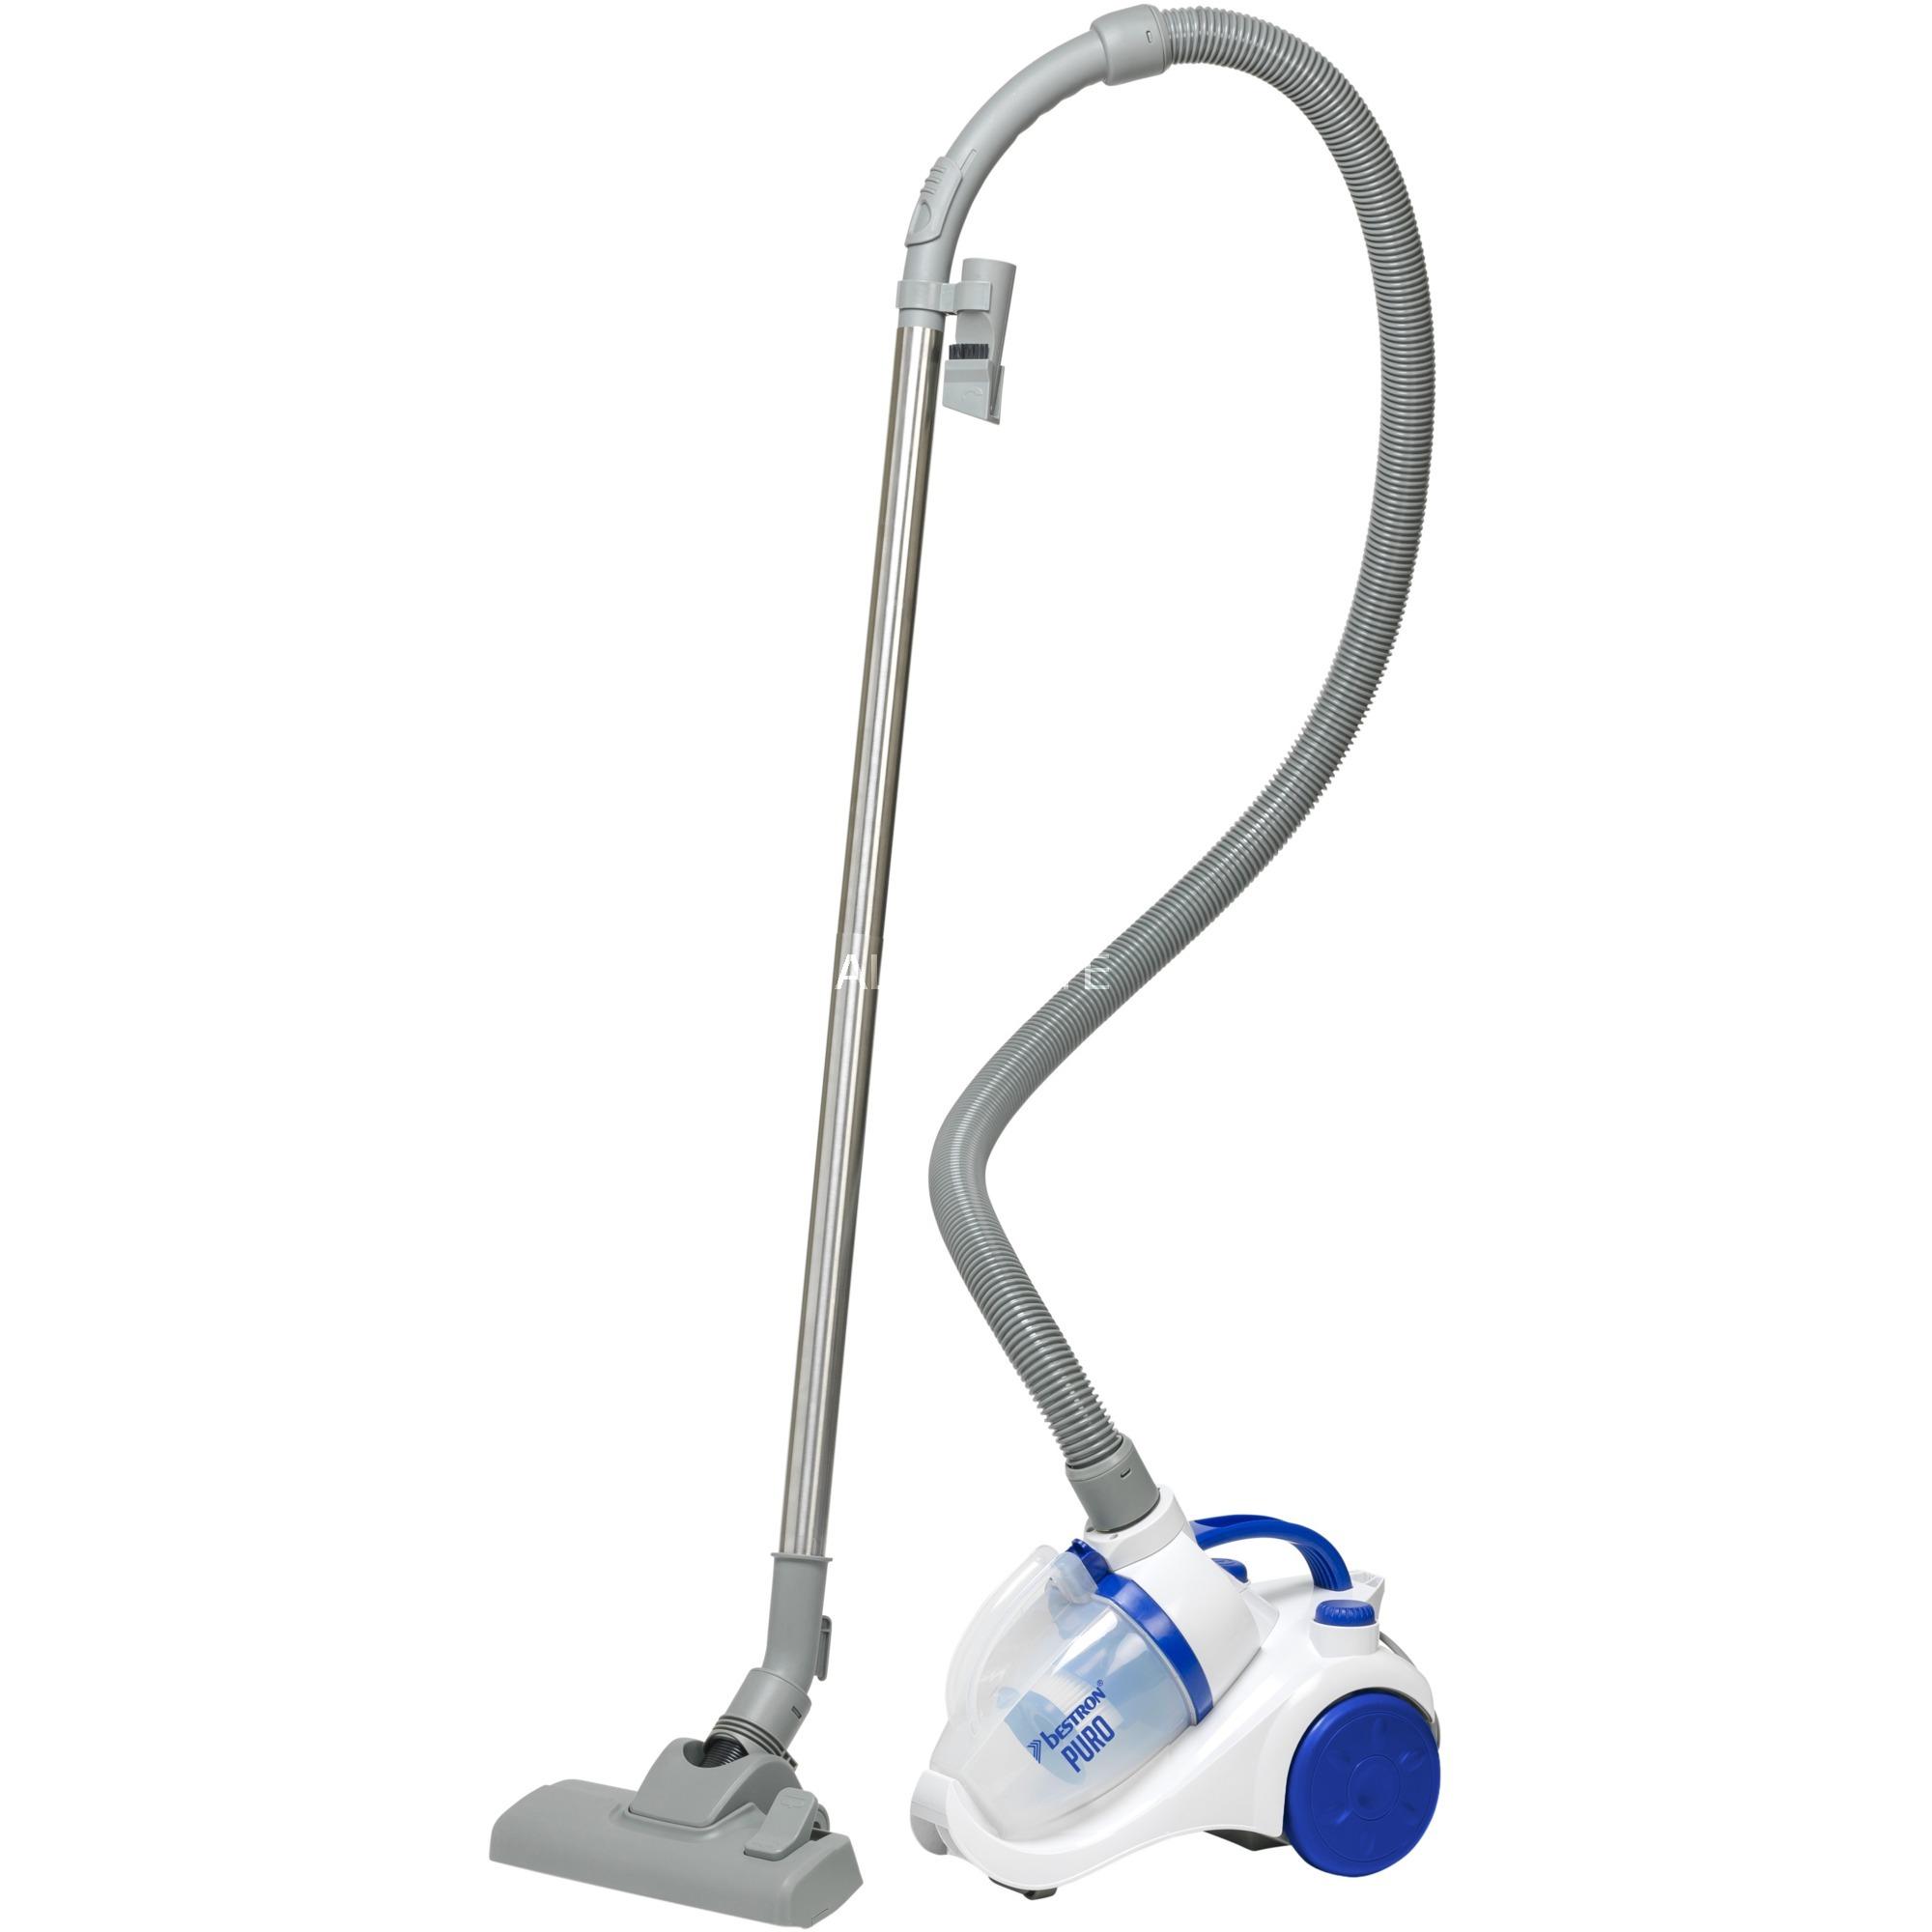 ABL830WB aspiradora 700 W A Aspiradora cilíndrica 1 L Azul, Blanco, Aspiradora de suelo